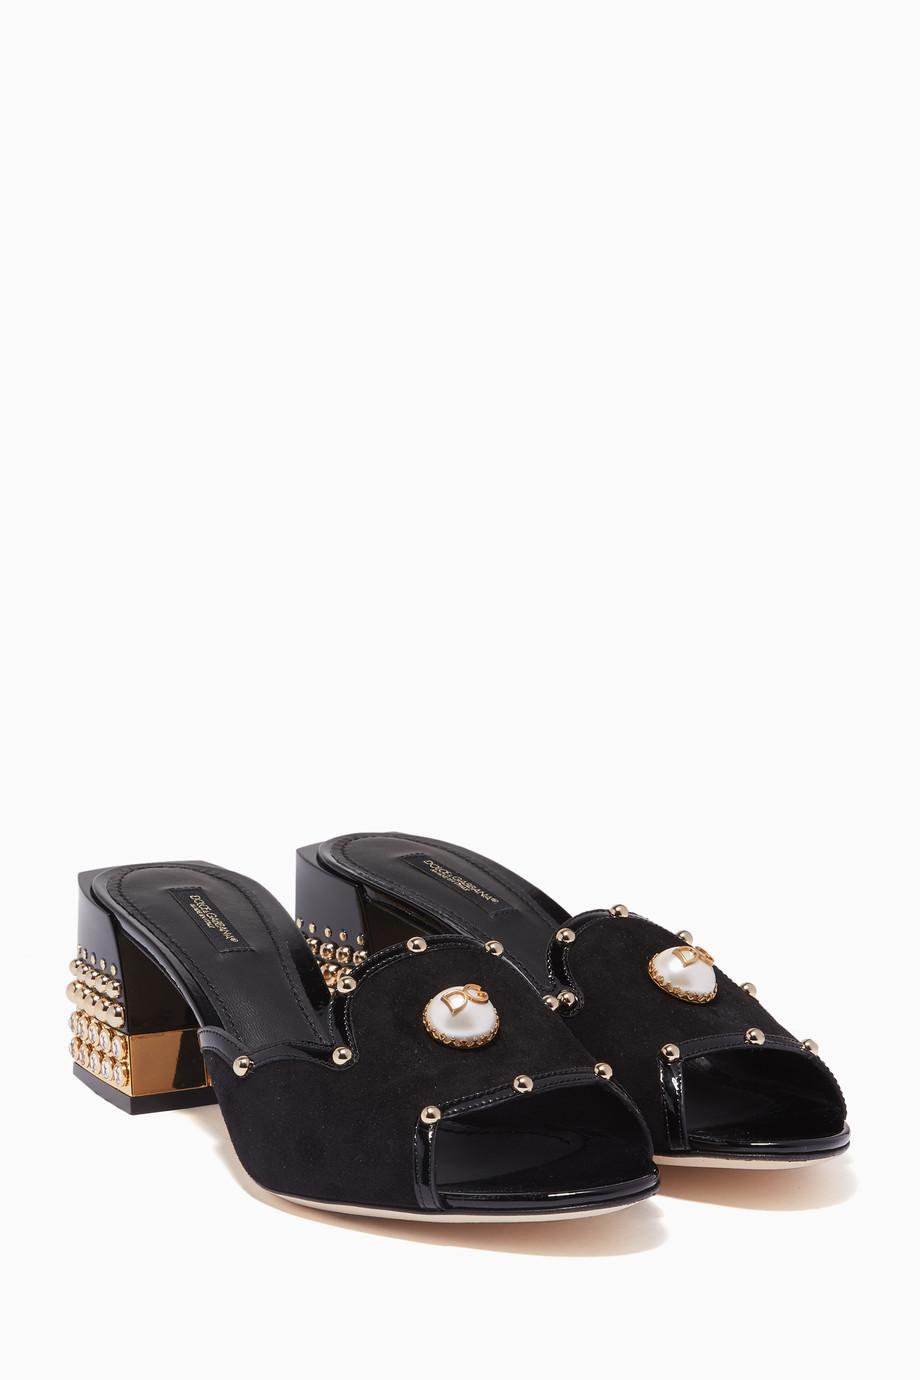 f6655be6e75 Shop Dolce   Gabbana Black Black Bianca Suede Embellished Sandals ...